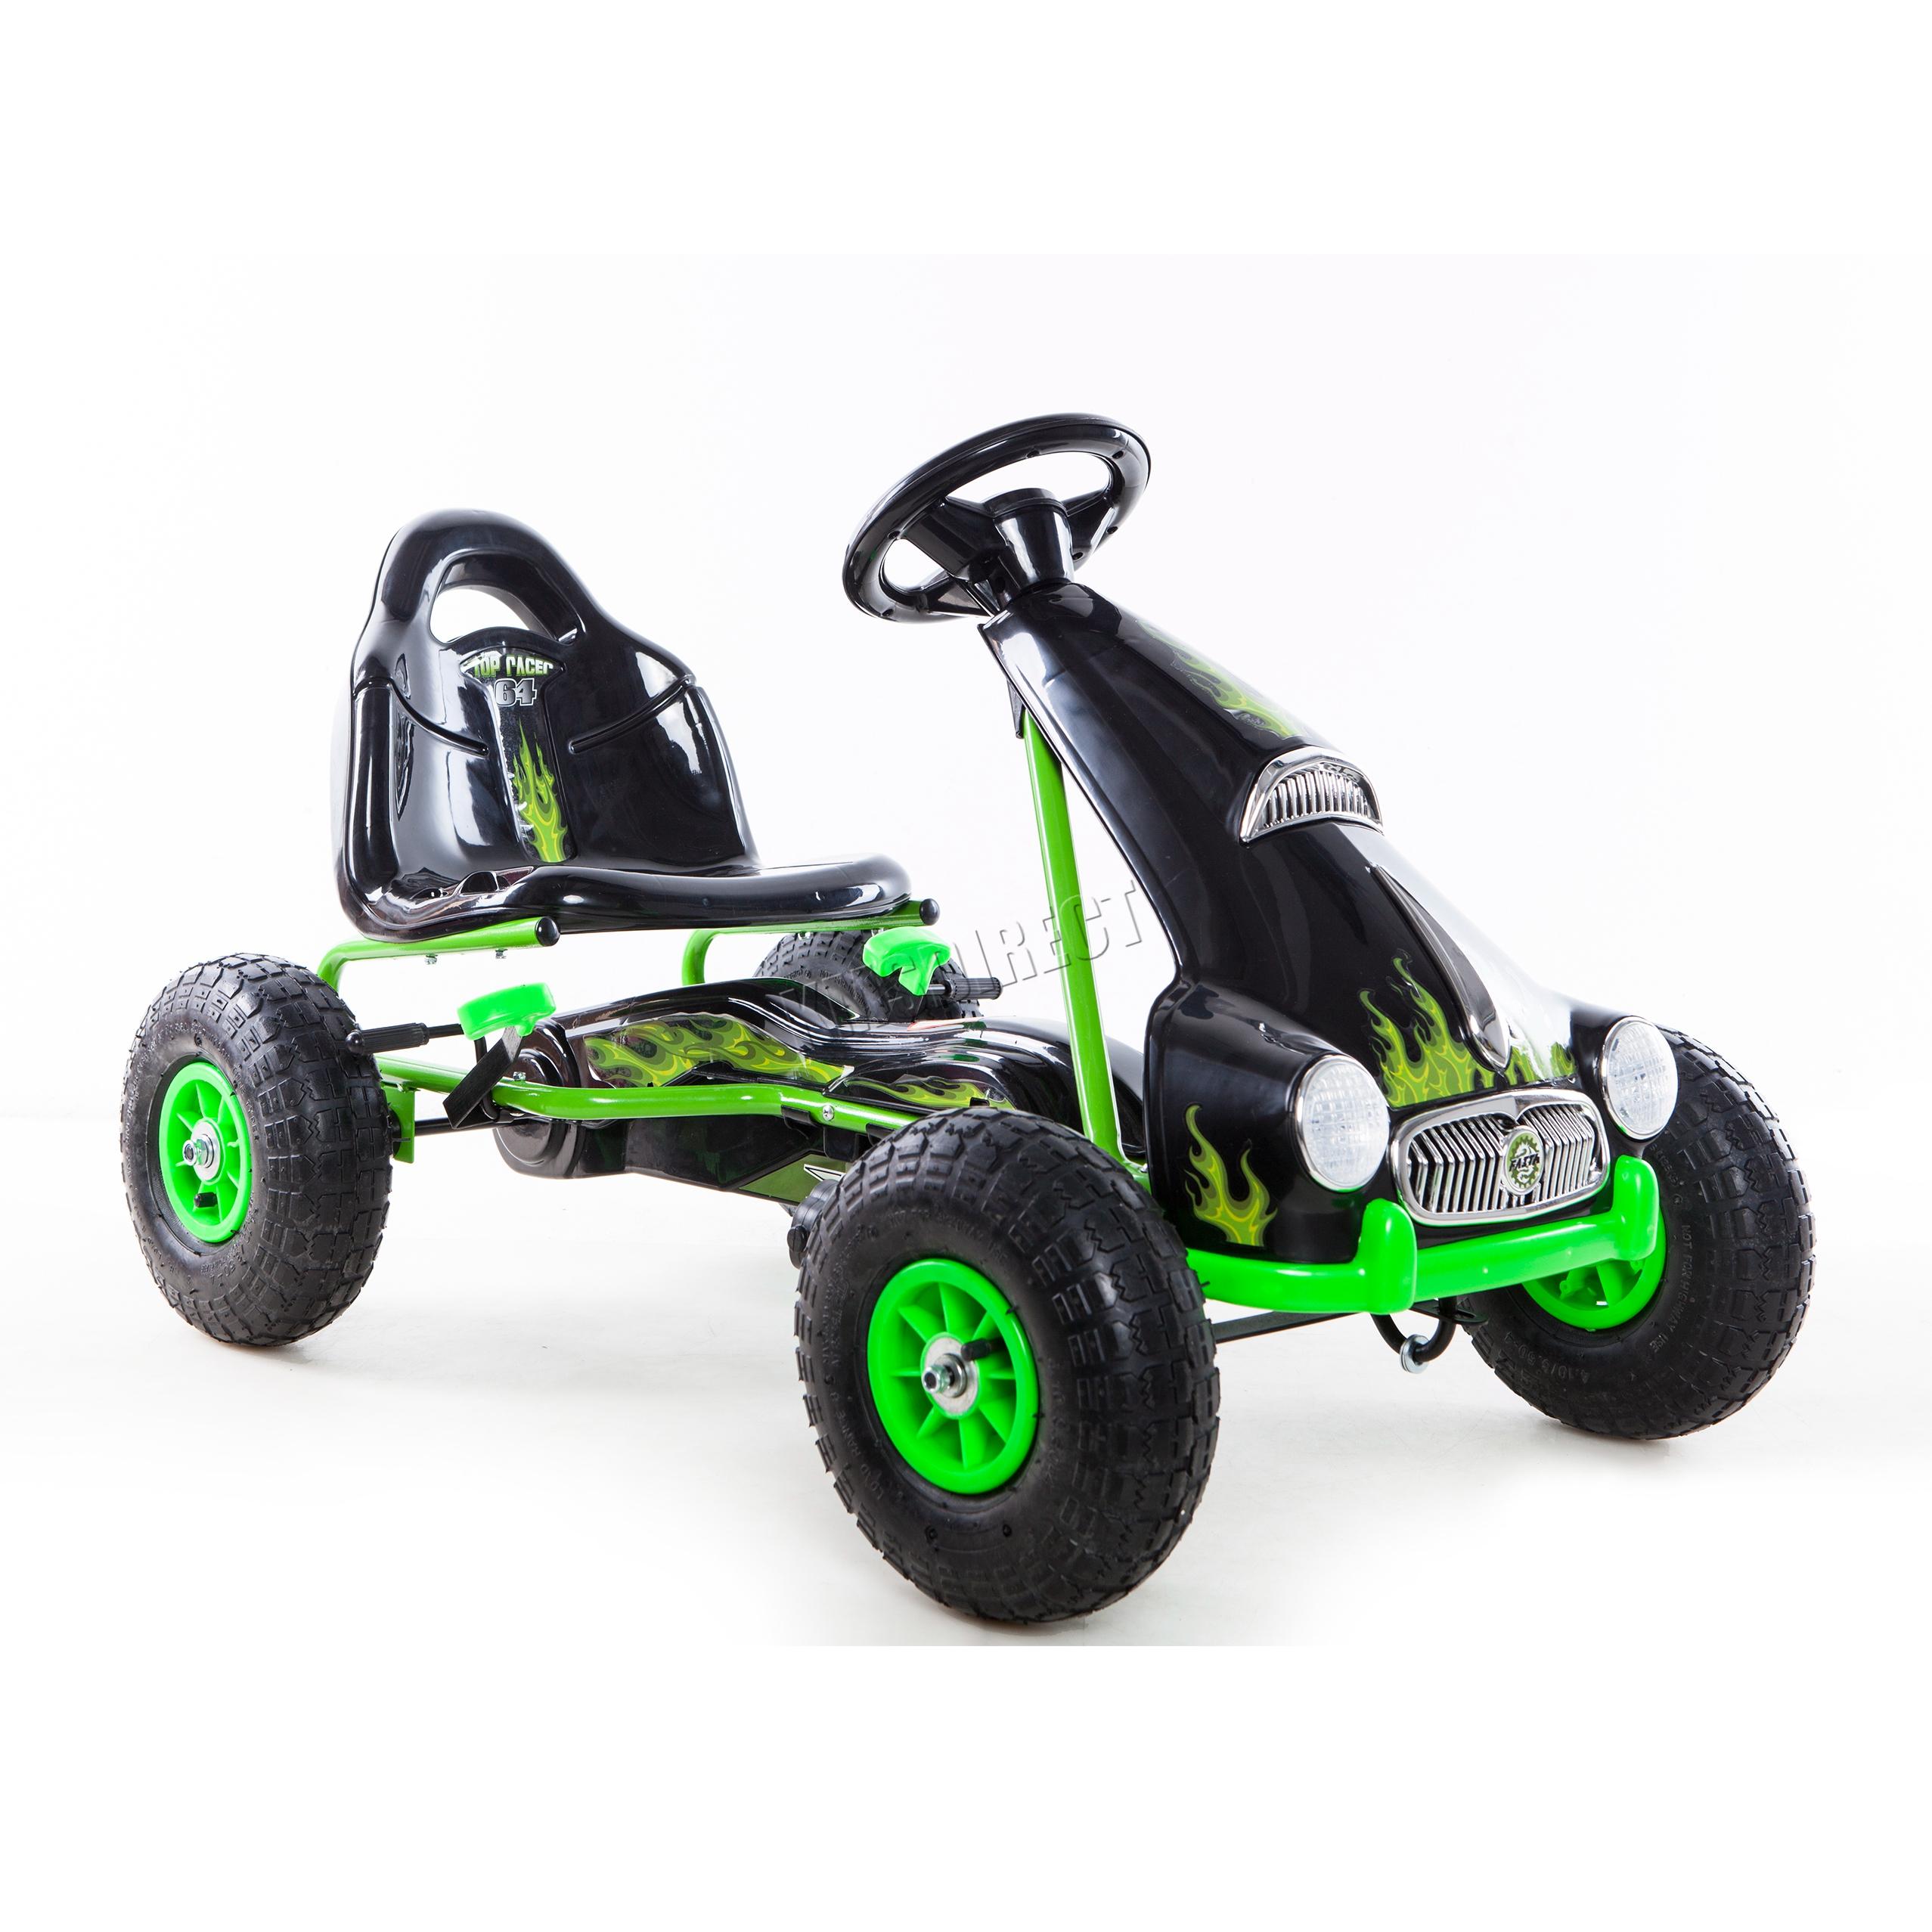 foxhunter kinder kind go kart rutscher auto pedale. Black Bedroom Furniture Sets. Home Design Ideas